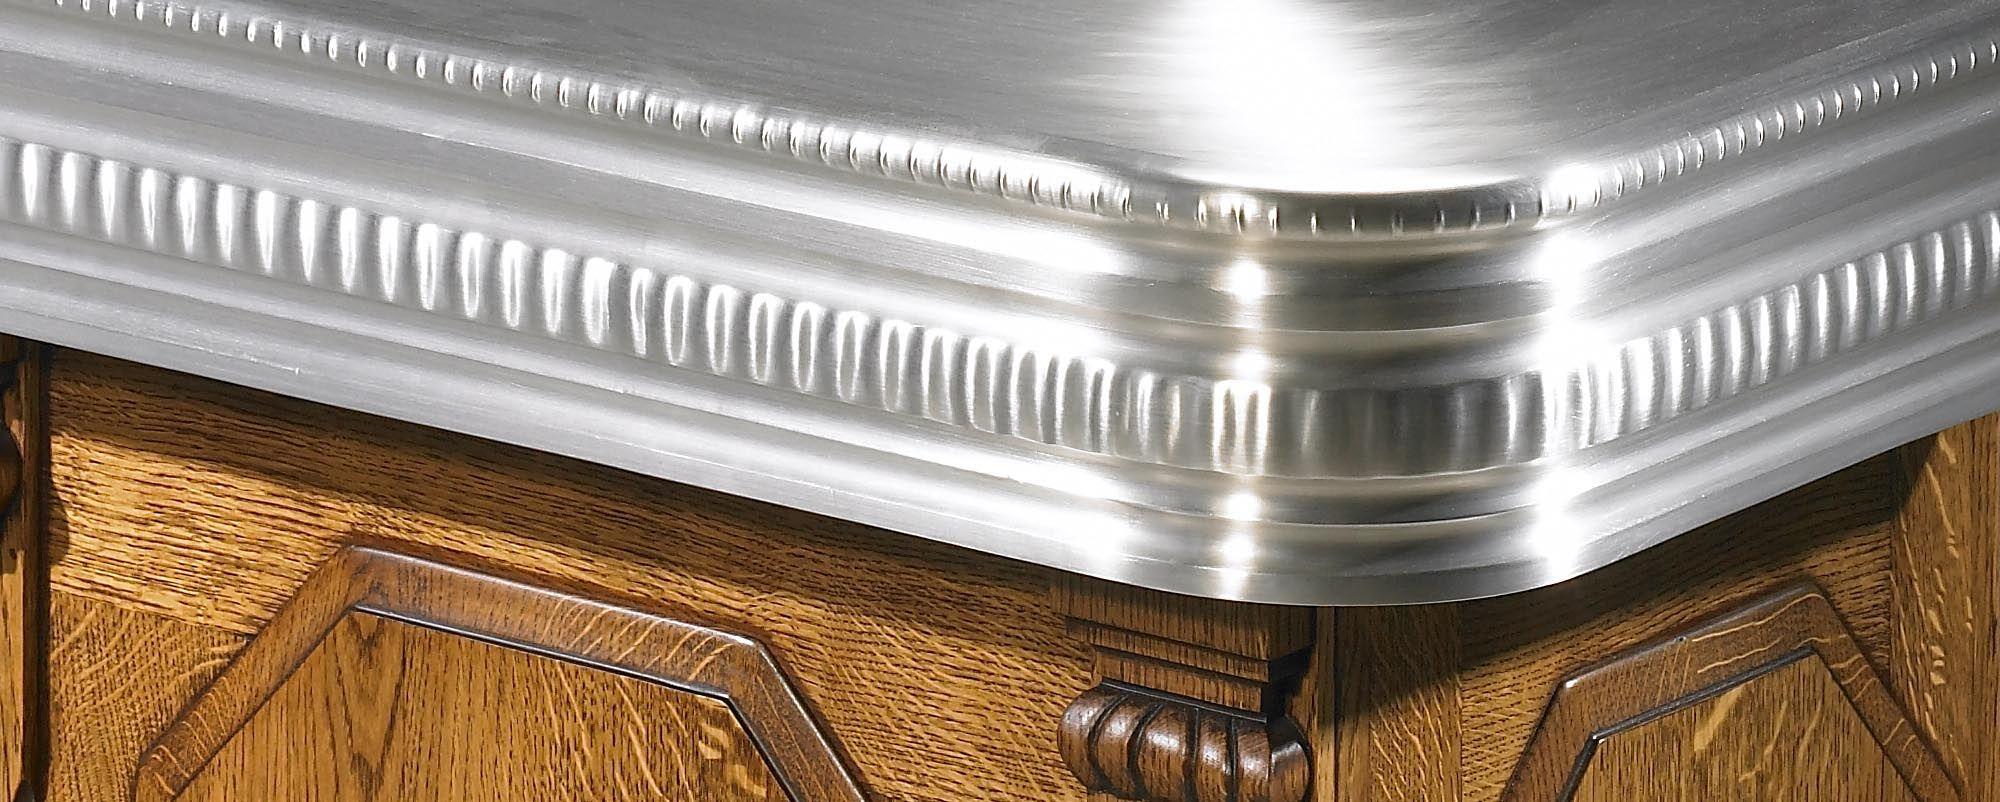 etainier tourangeau les comptoirs en tain bar en tain. Black Bedroom Furniture Sets. Home Design Ideas